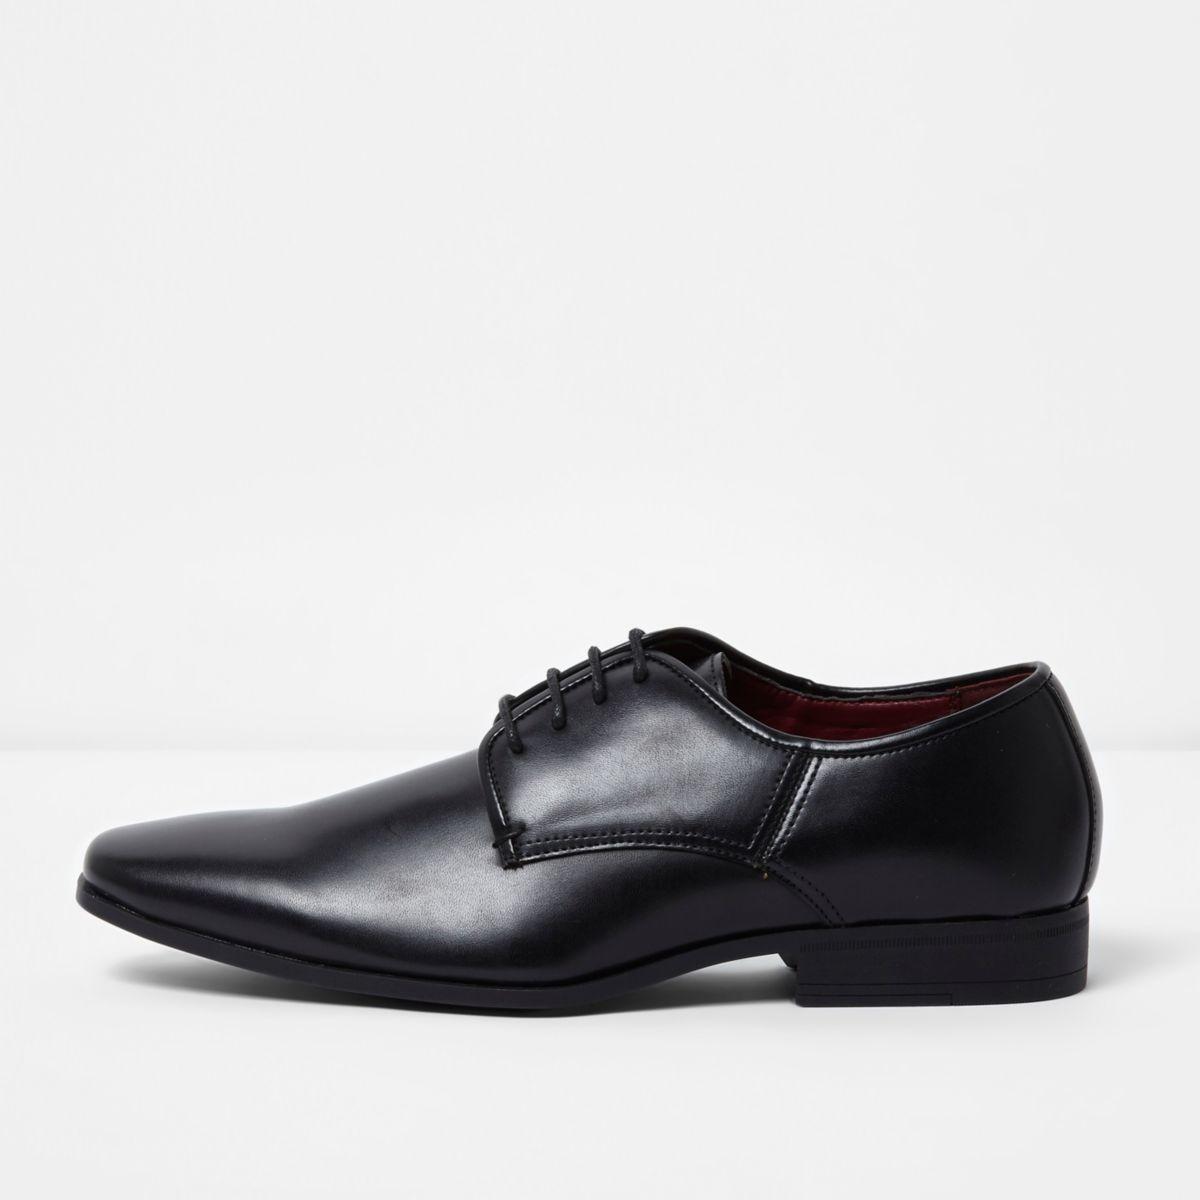 Black lace-up smart shoes